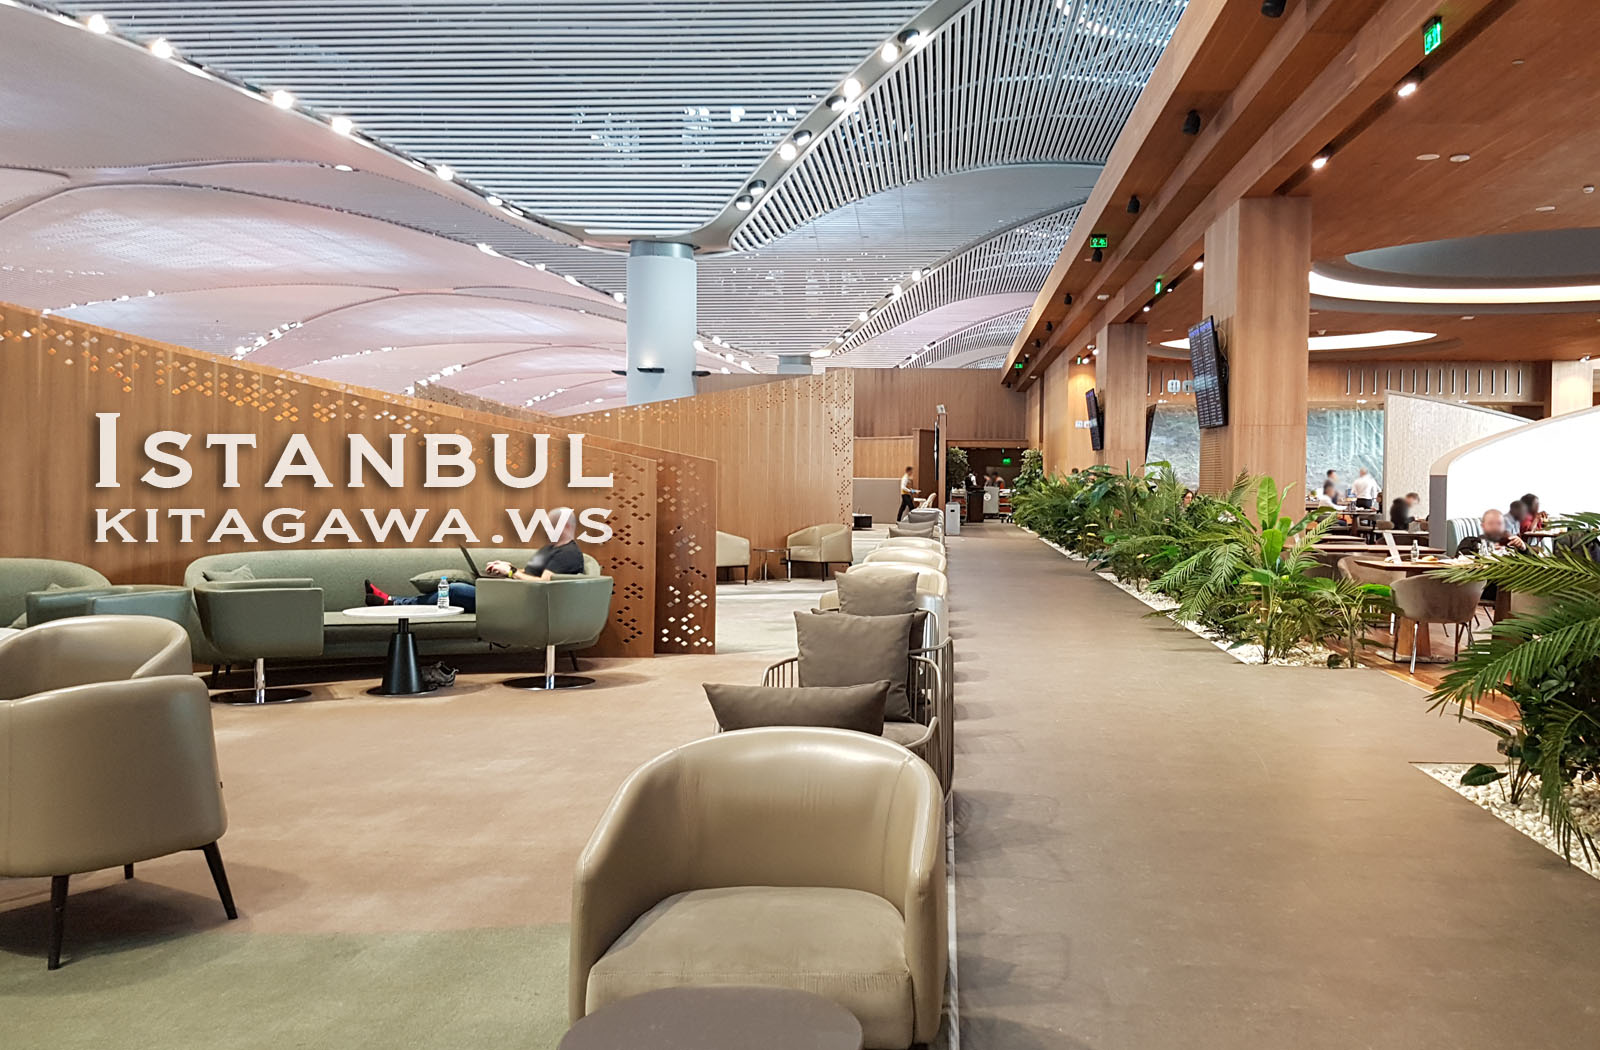 IGA LOUNGE イスタンブール新空港 プライオリティパスラウンジ